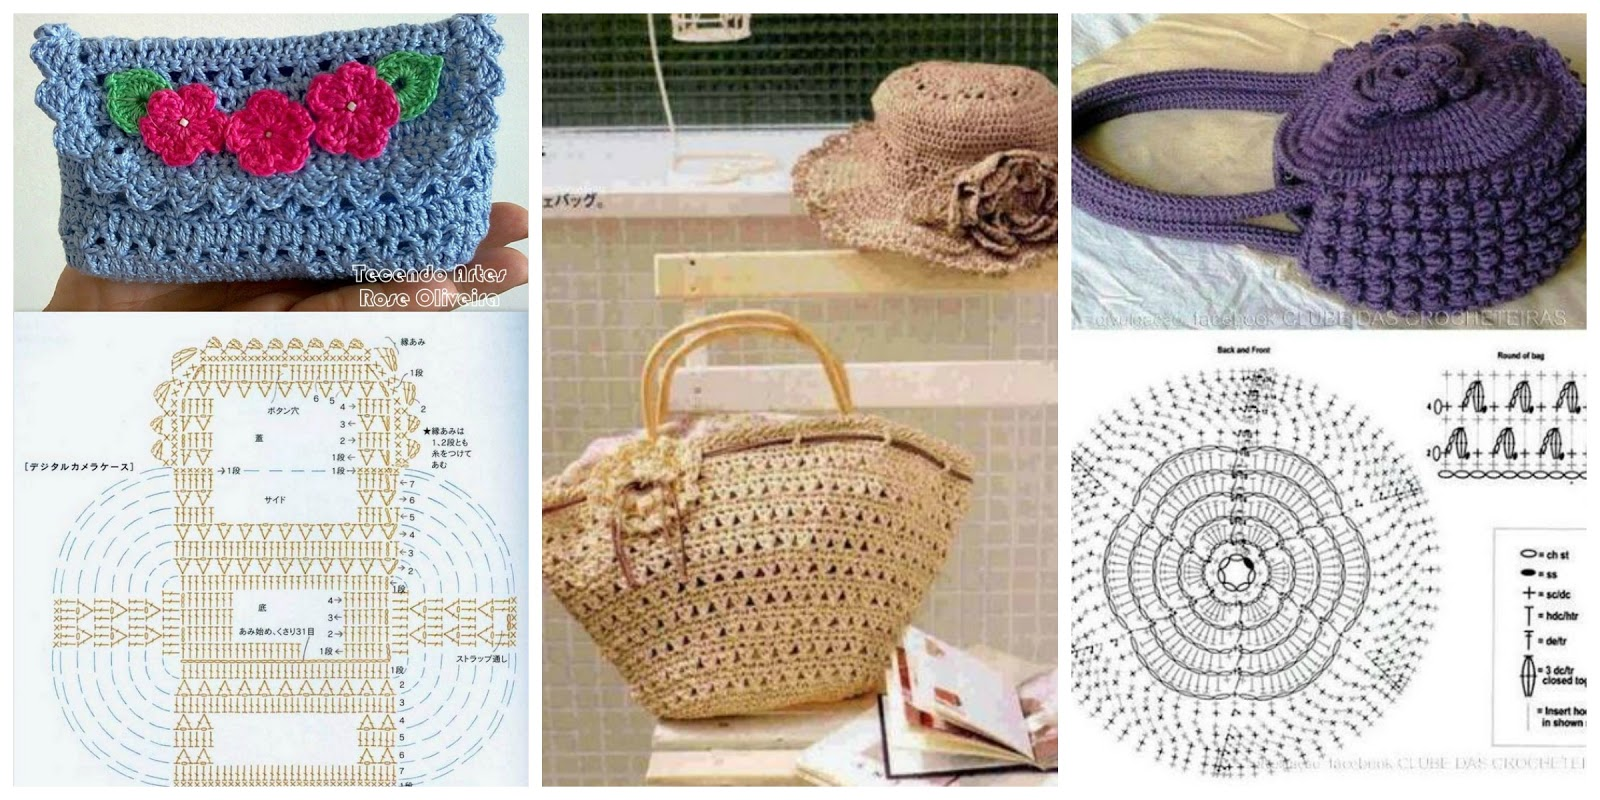 Borse e pochette fai da te 8 schemi crochet gratis for Borse a uncinetto con fettuccia schemi